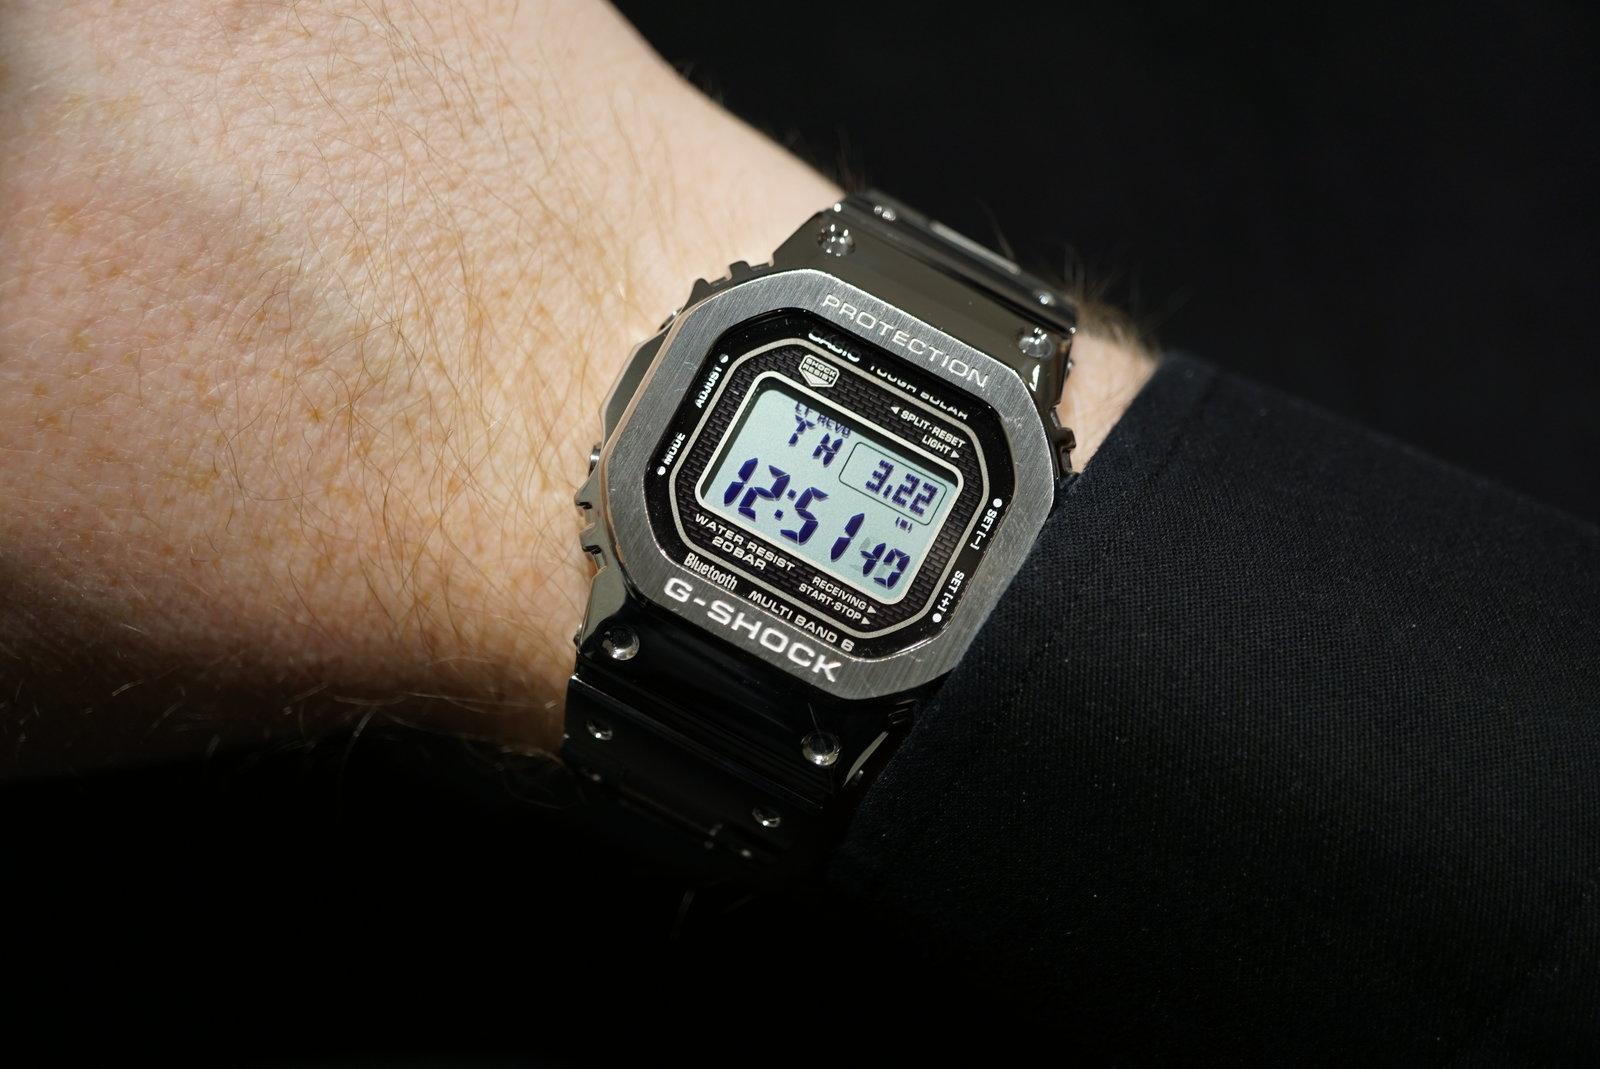 00A93847-1394-49AB-B6CC-3DD2593A59E7.